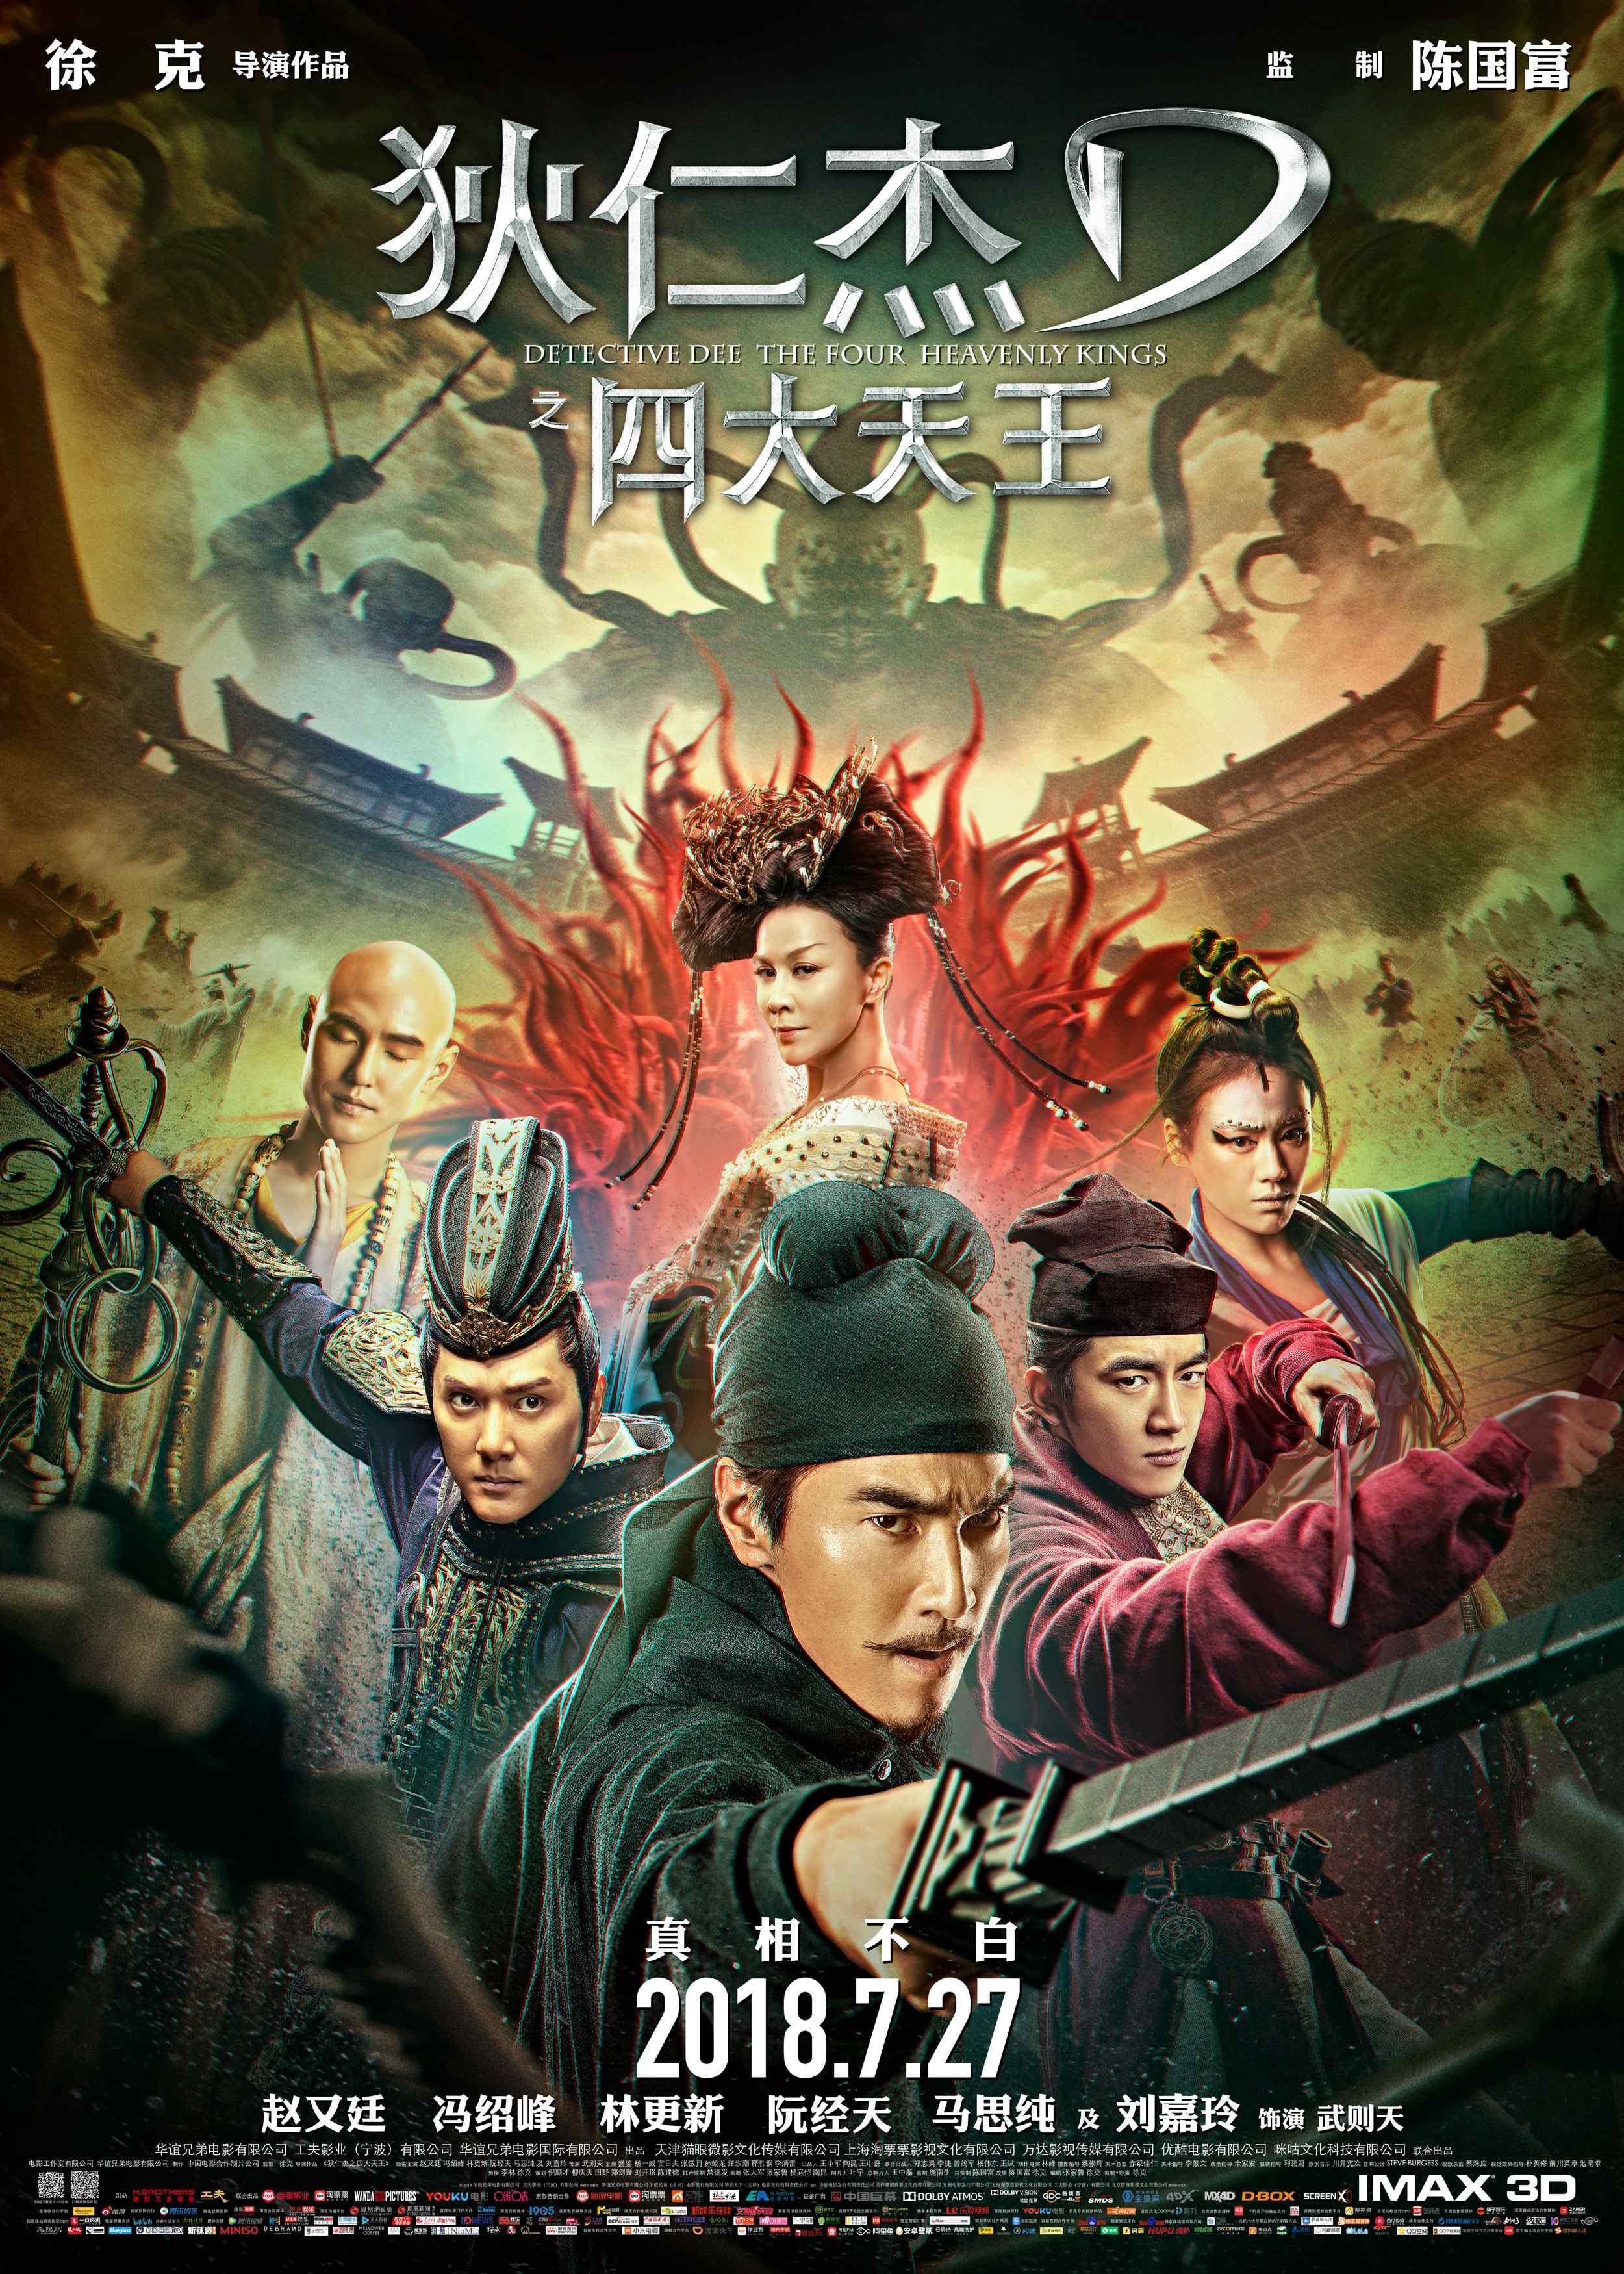 《狄仁杰之四大天王》终极版海报图片